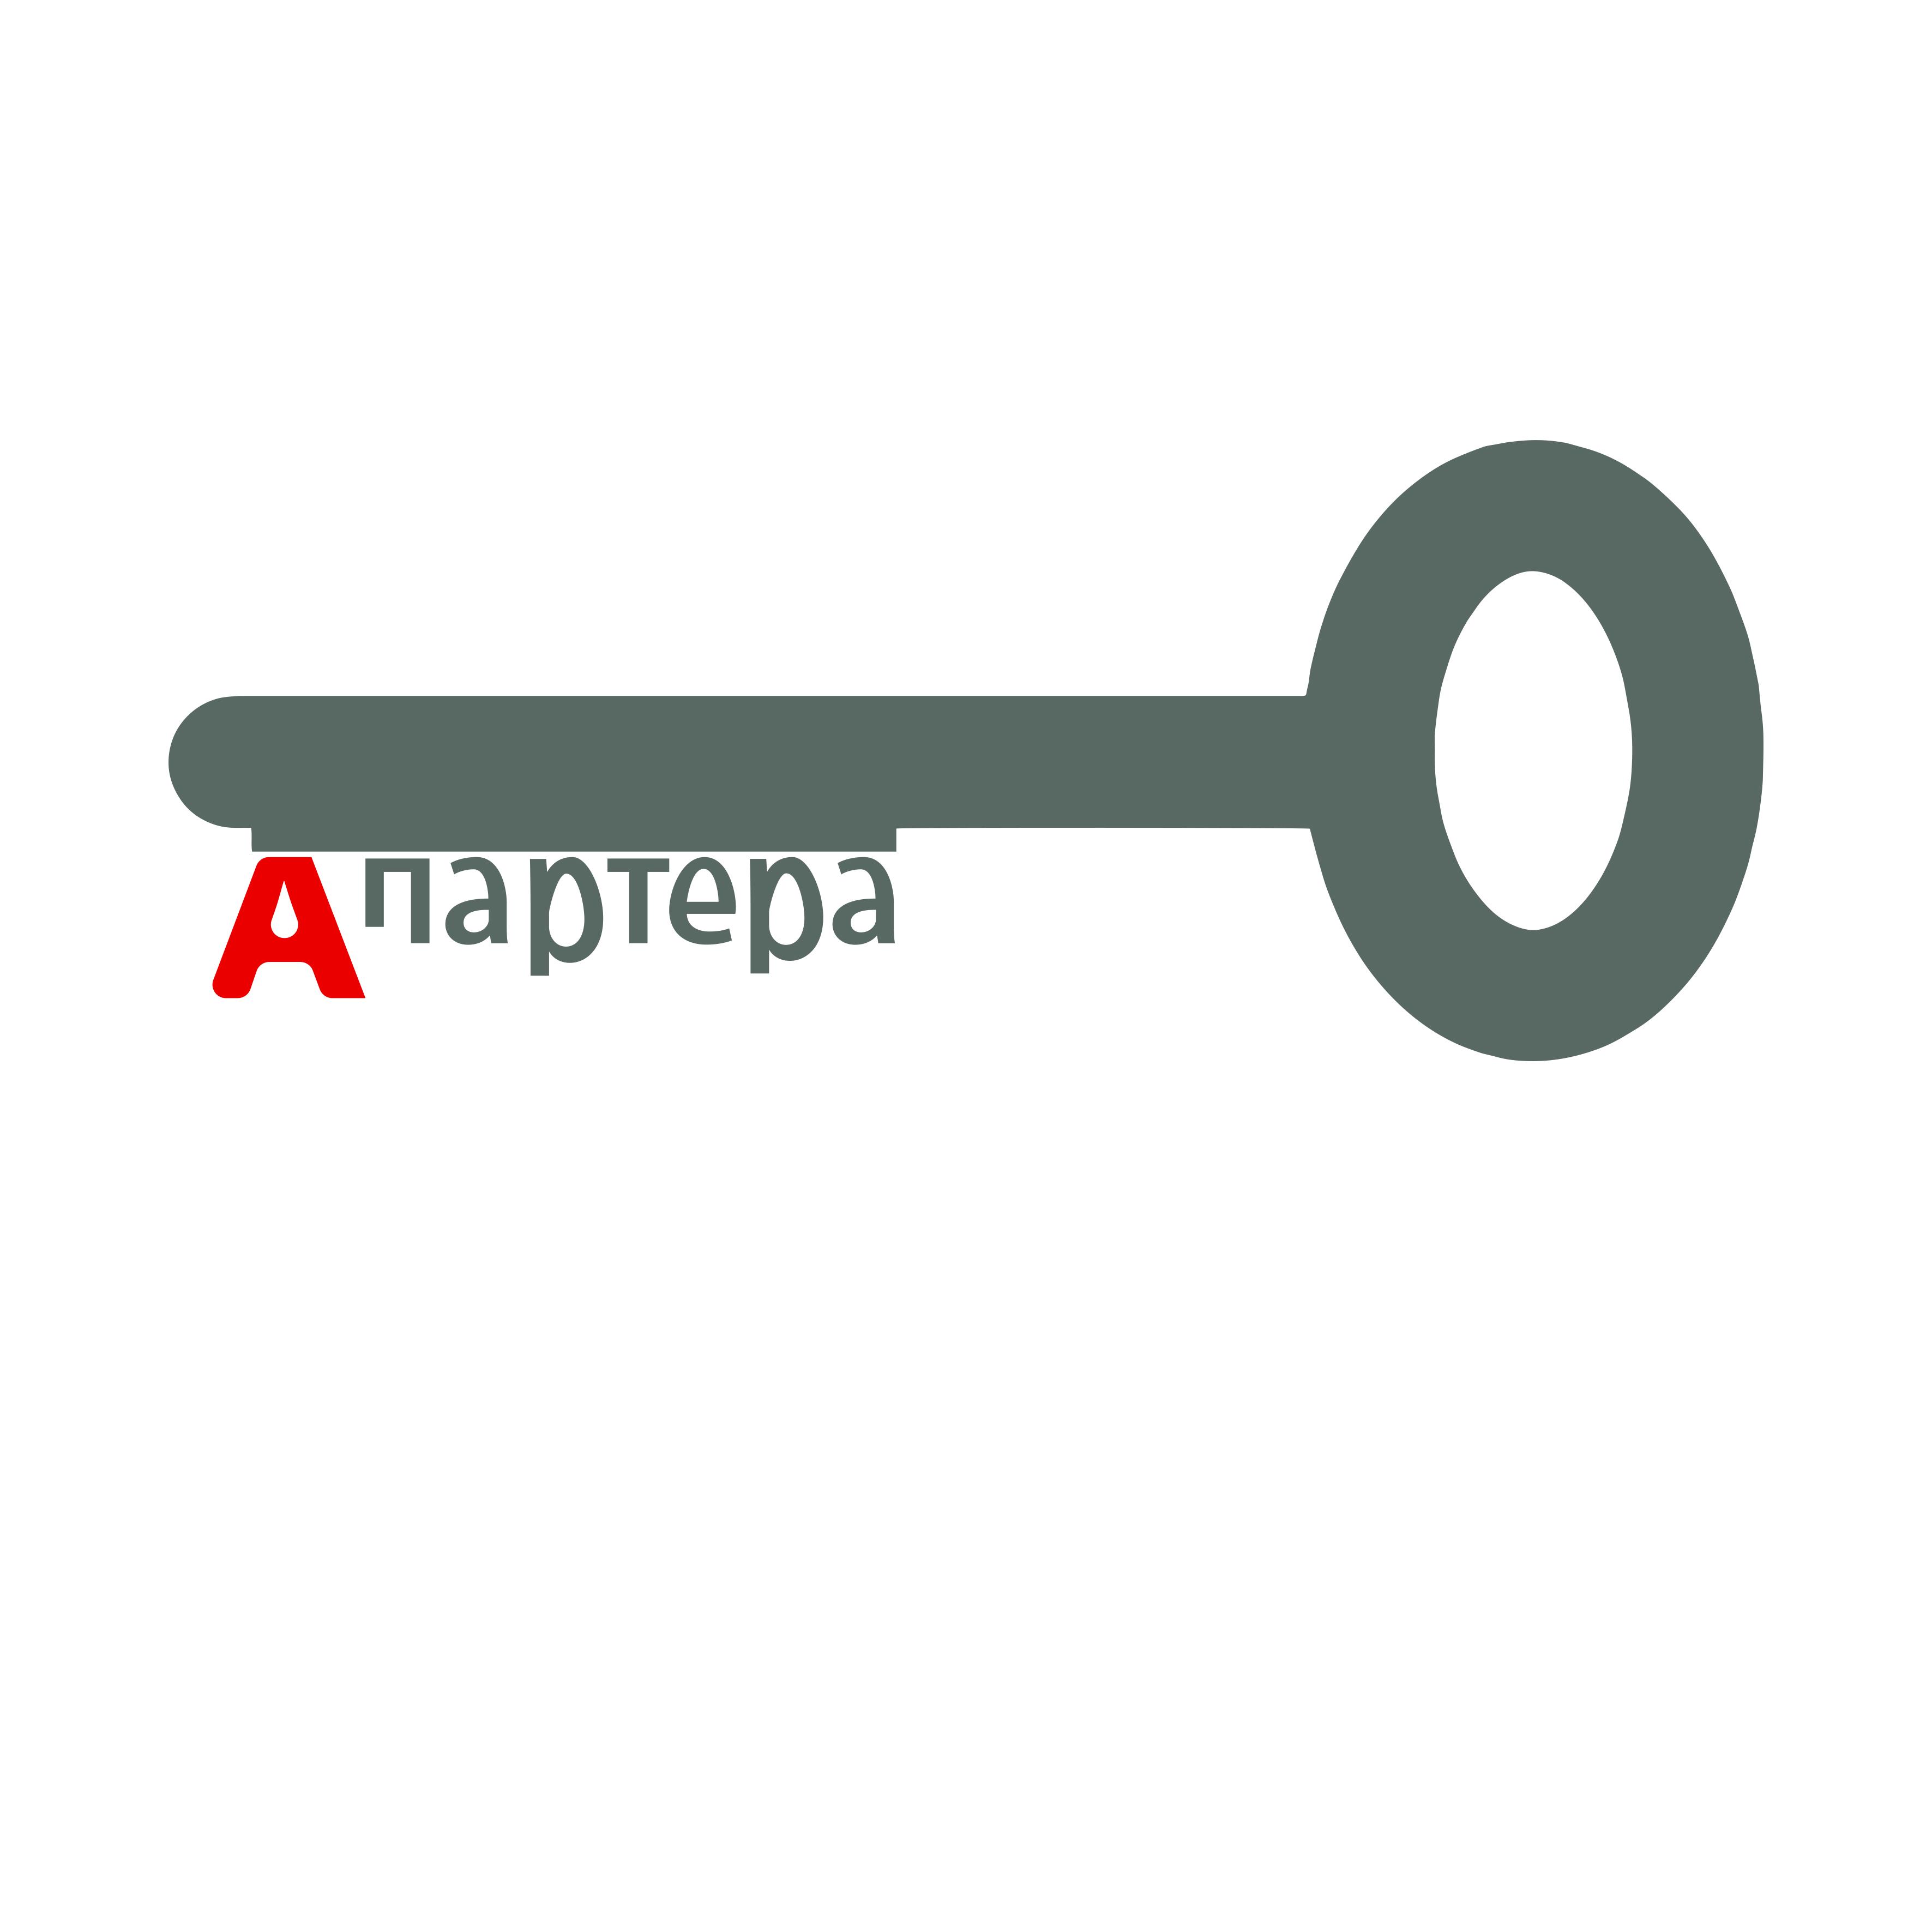 Логотип для управляющей компании  фото f_6835b738b2b628be.jpg